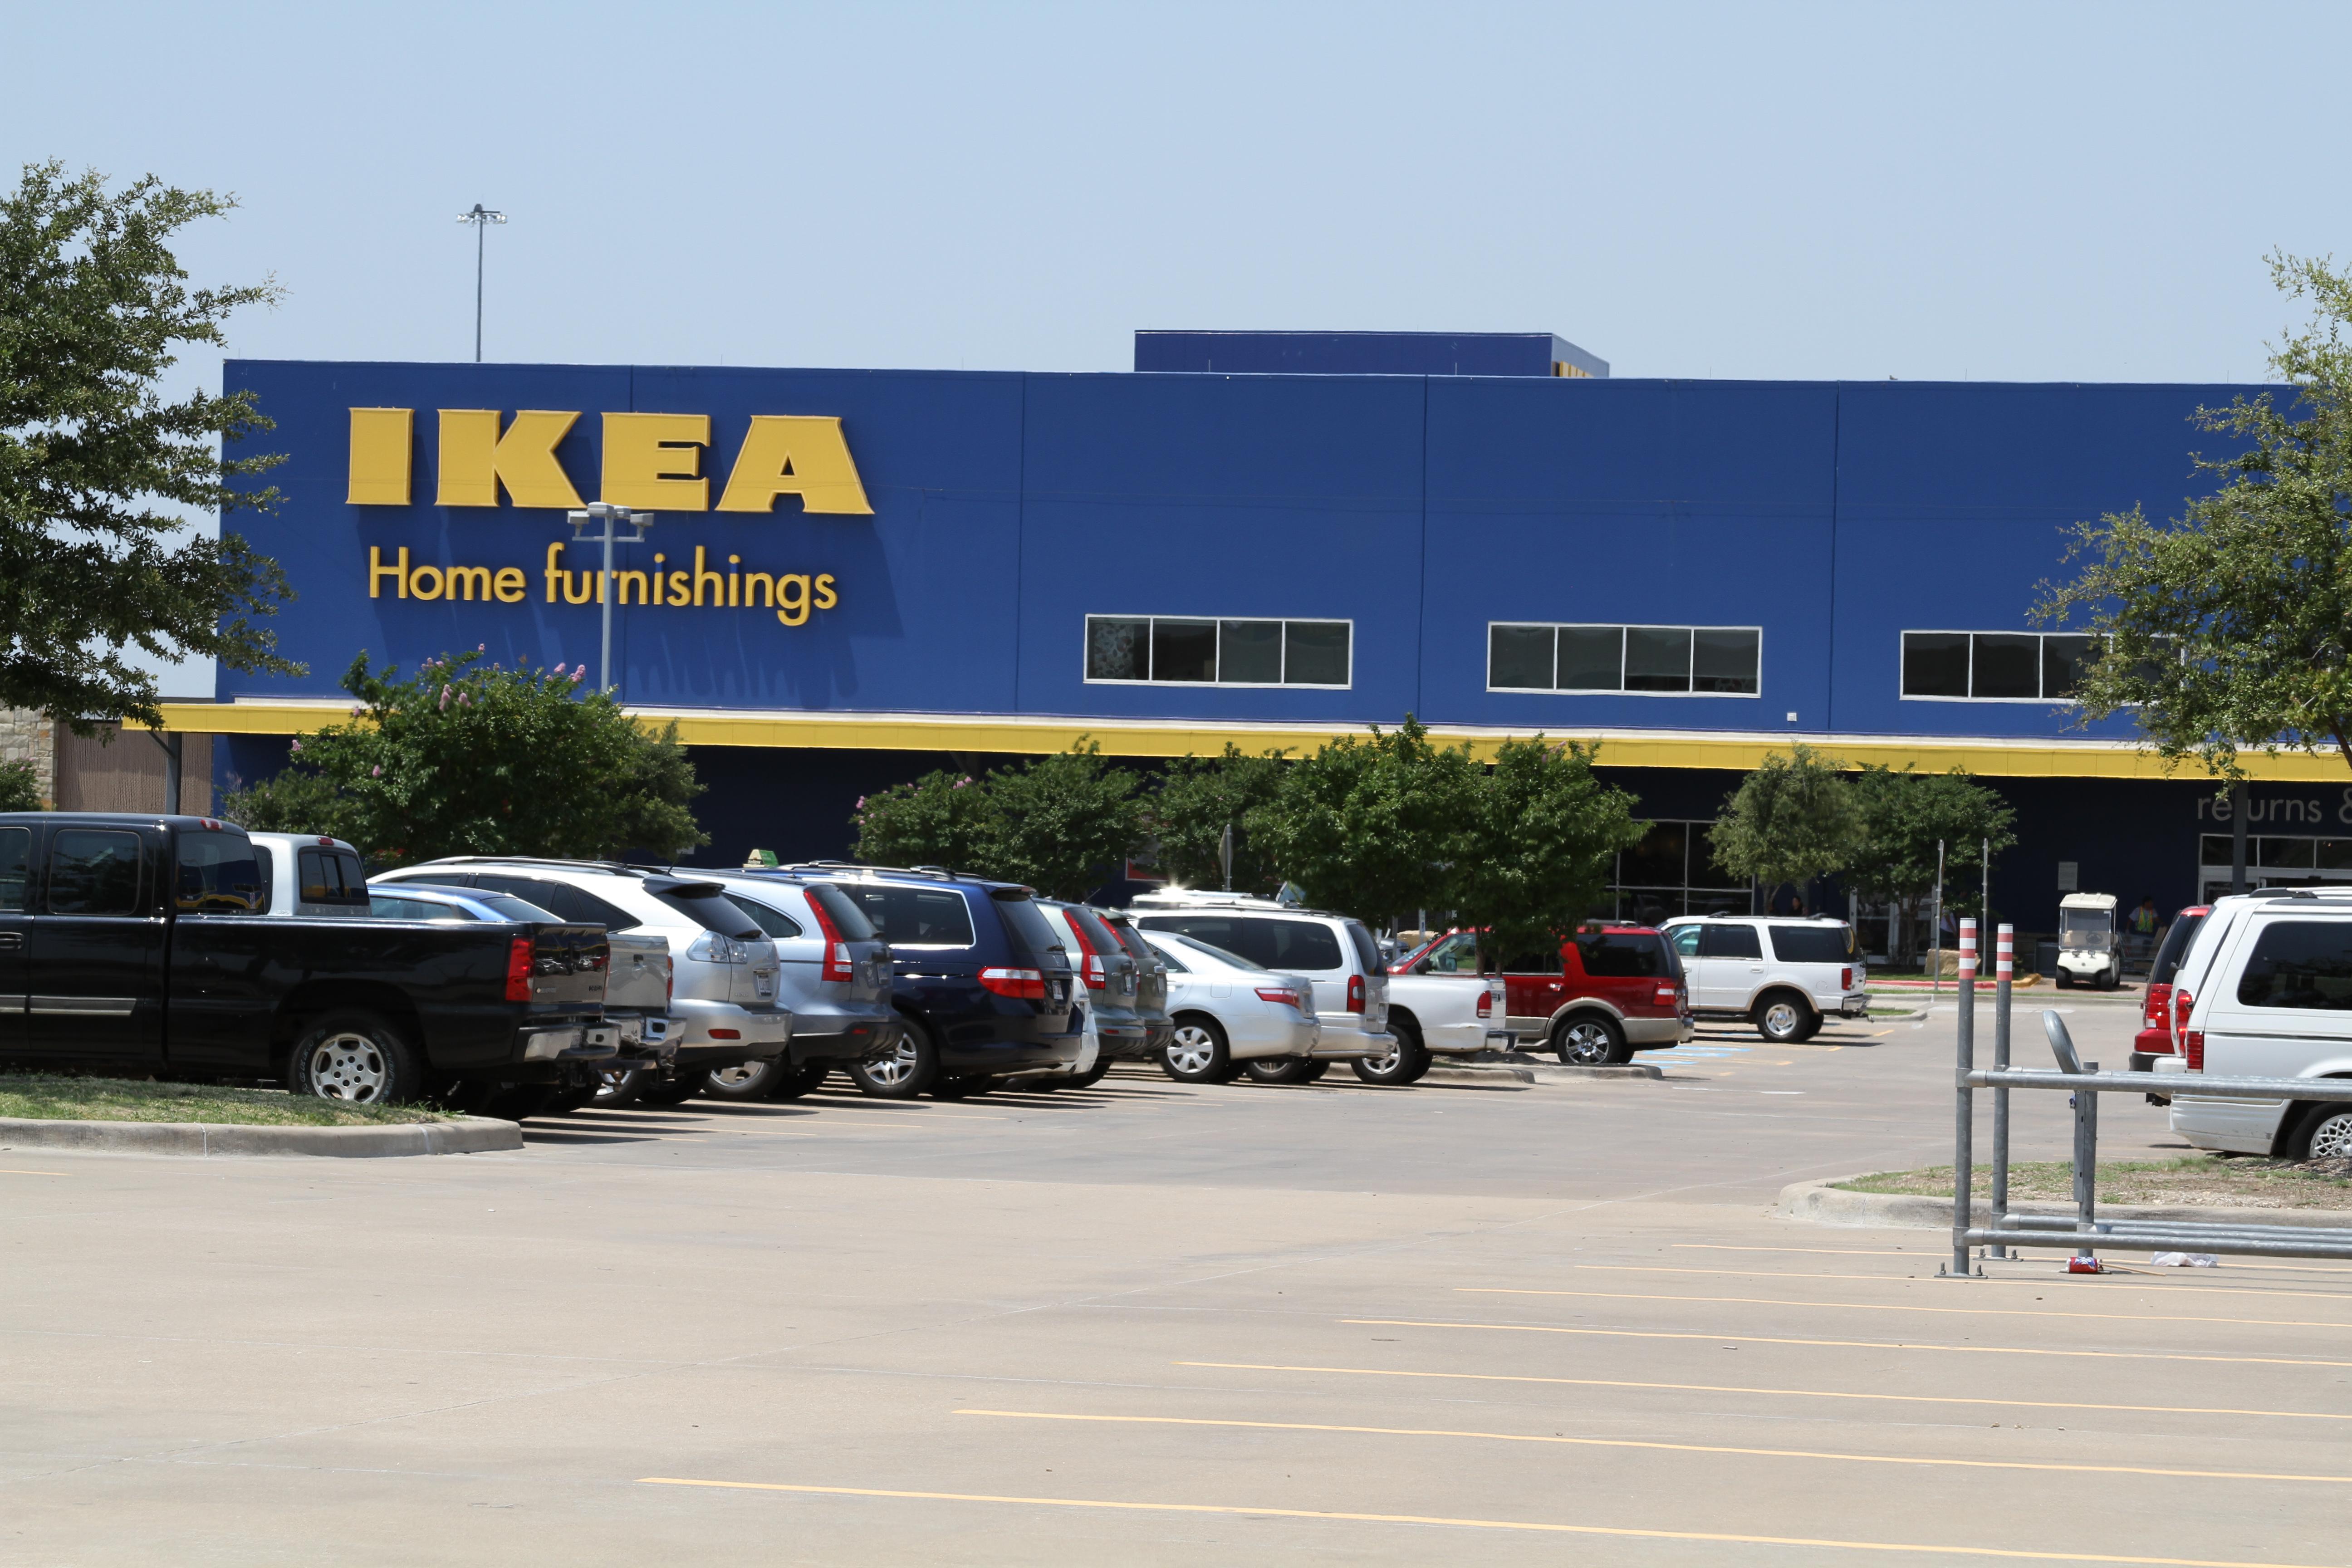 IKEA_Frisco_TX.JPG